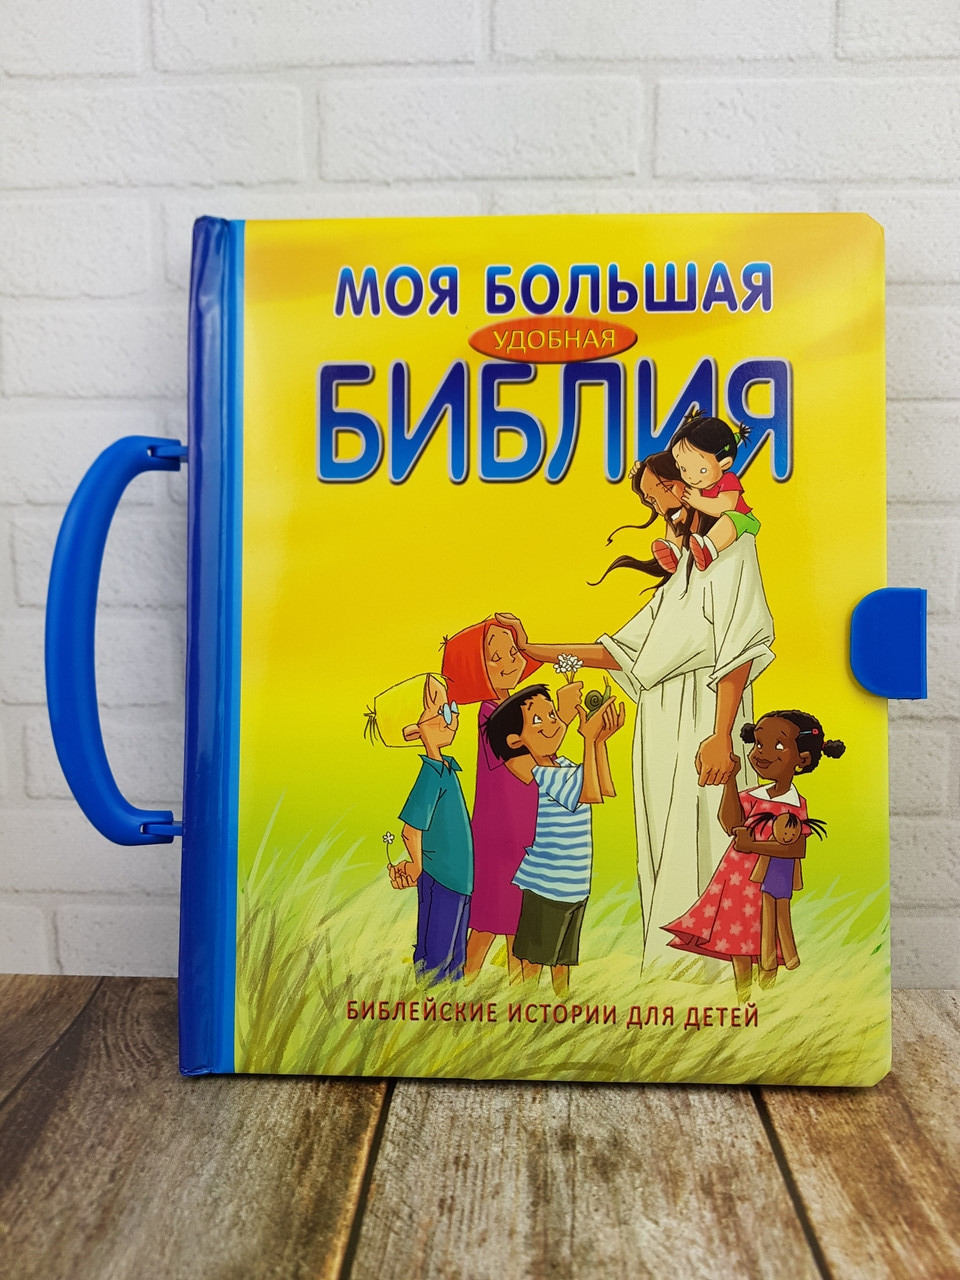 Моя большая удобная Библия. Библейские истории для детей. С ручкой